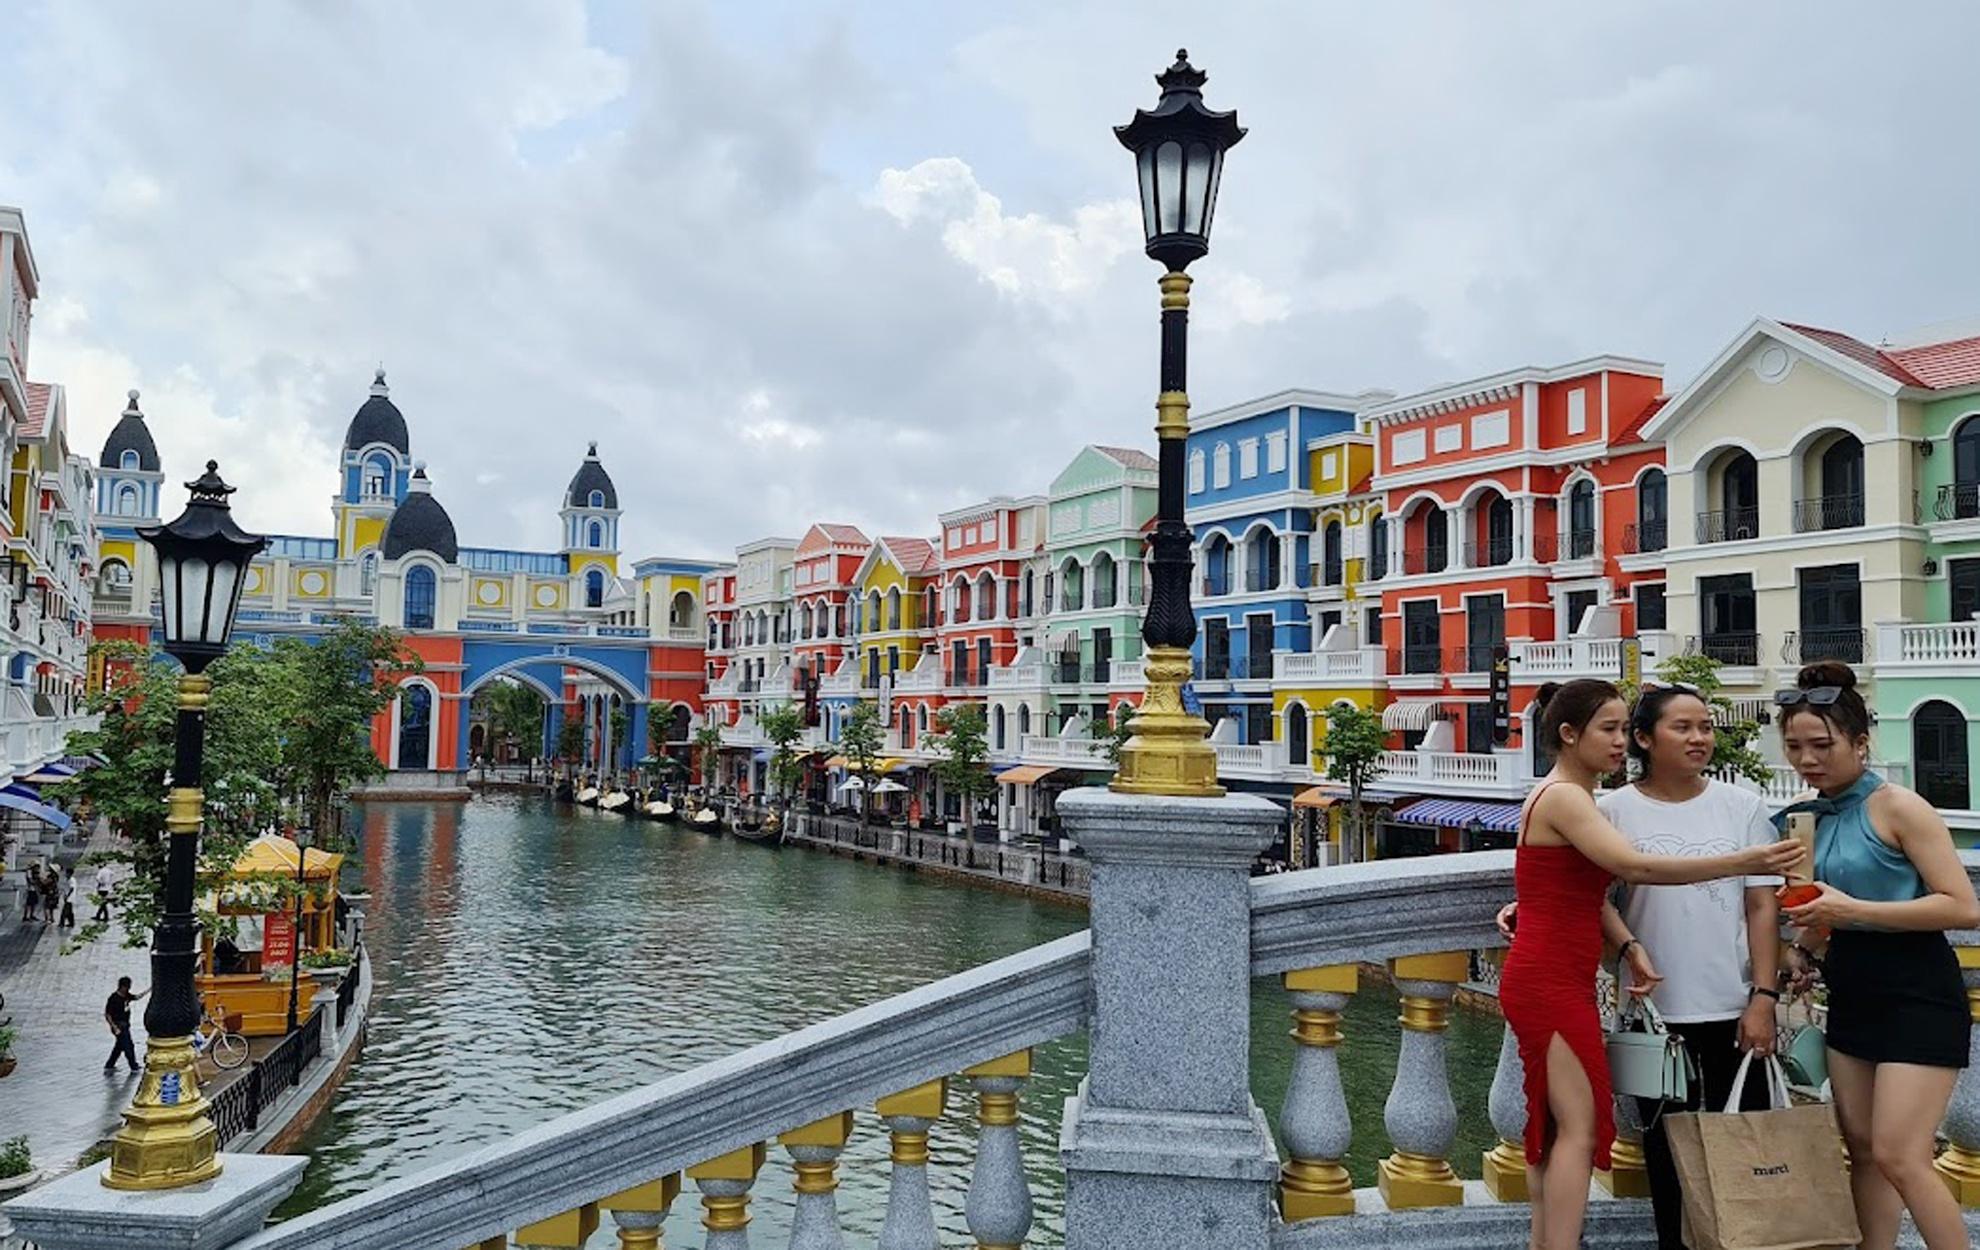 Phu Quoc mo cua don khach thang 12 anh 3  - pq_4 - Phú Quốc chỉ có thể đón khách du lịch từ tháng 12